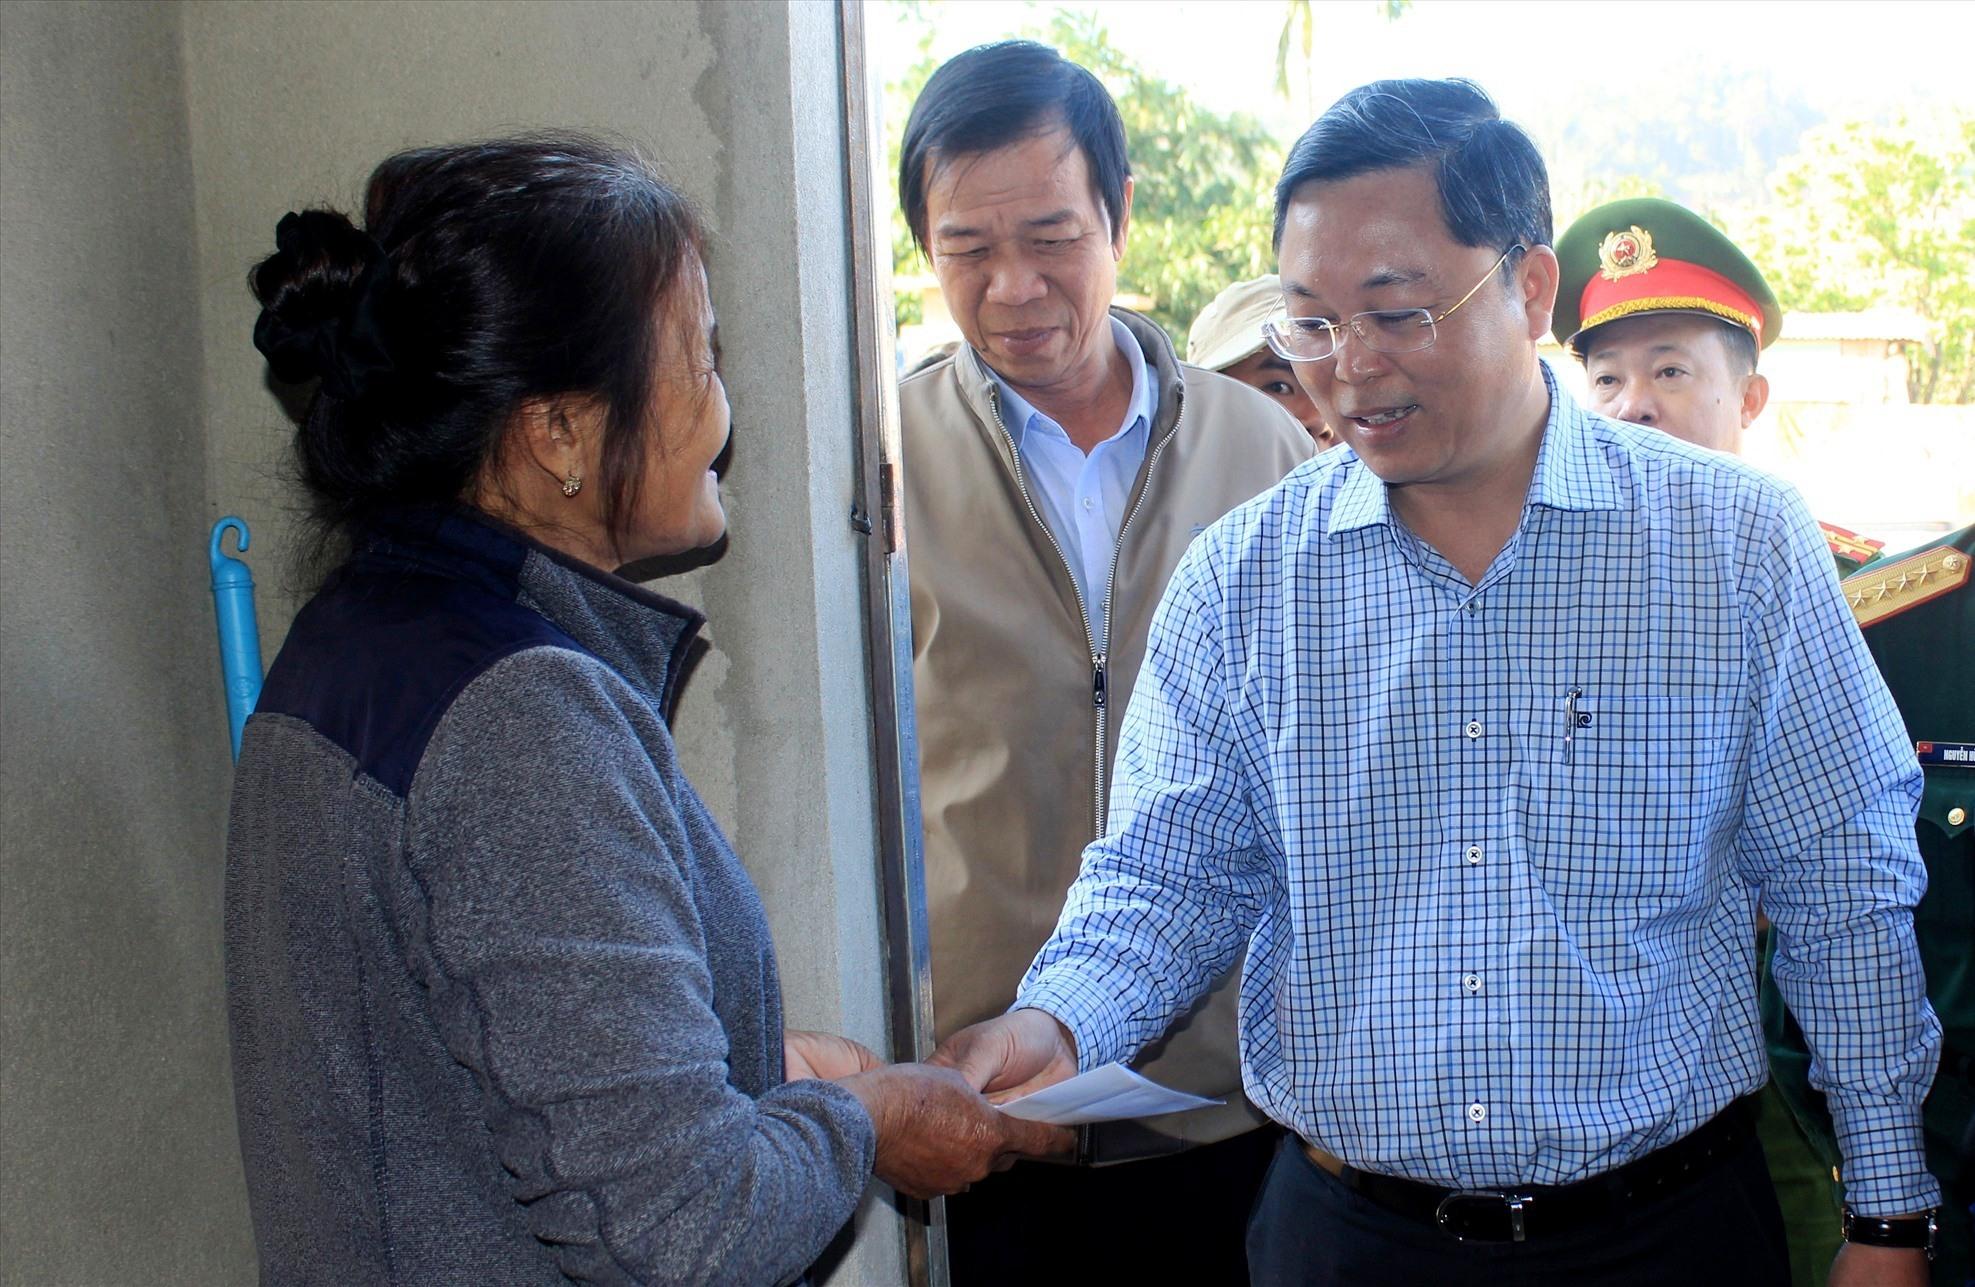 Chủ tịch UBND tỉnh Lê Trí Thanh tặng quà cho hộ dân ở thôn 1 (xã Phước Lộc).